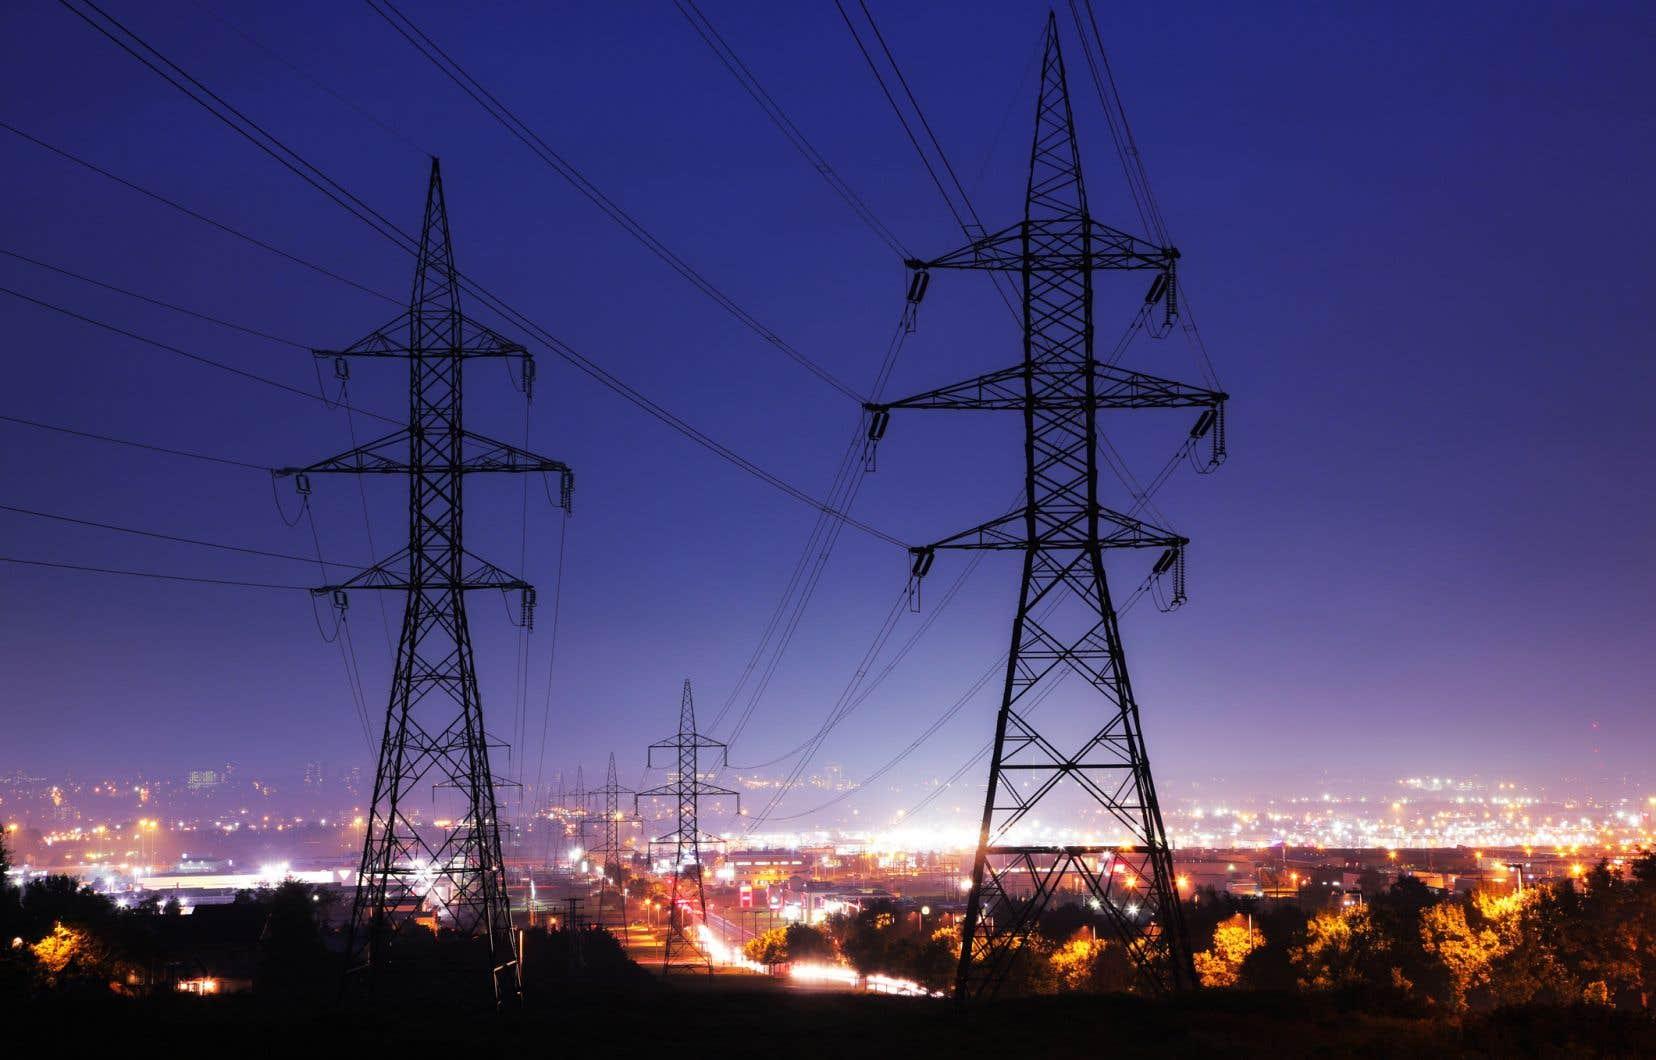 Le rejet du projet Northern Pass par le New Hampshire suscite l'espoir au sein du regroupement des producteurs d'électricité de la Nouvelle-Angleterre (NEPGA).